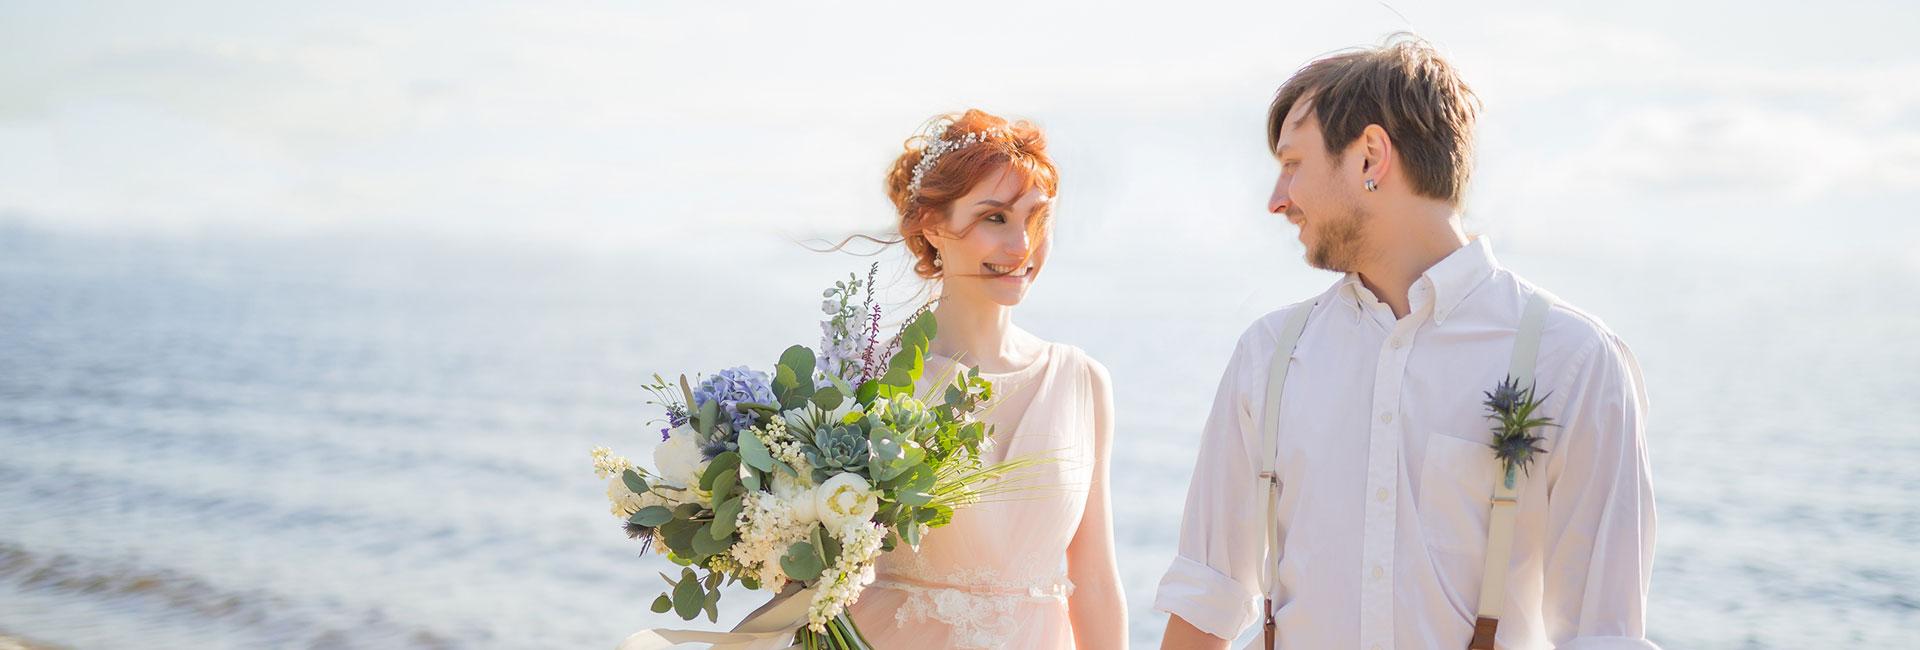 Optimizada best month for weddings in puerto vallarta